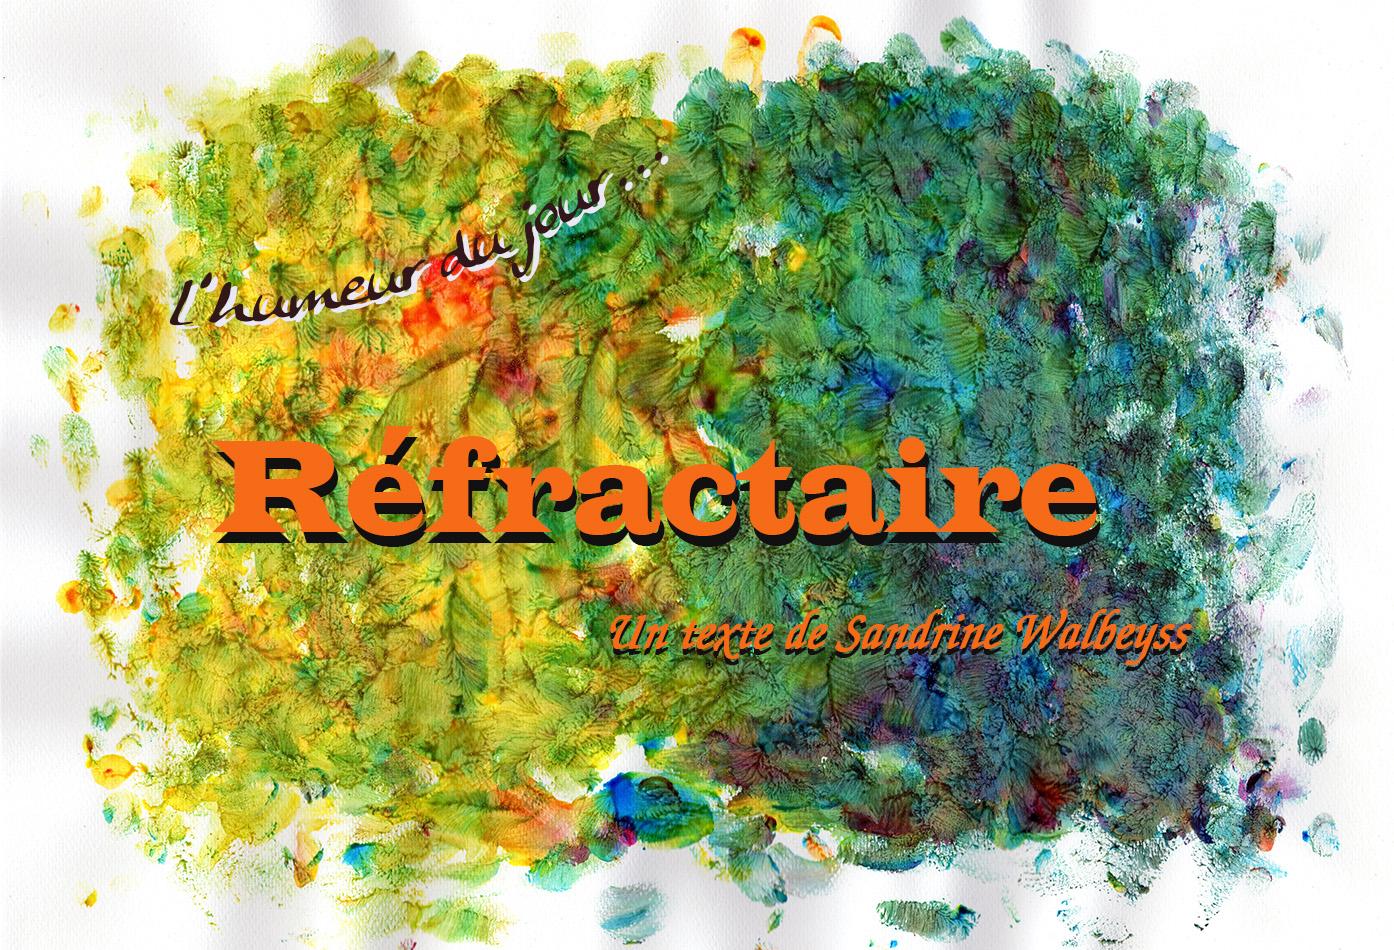 Réfractaire, un texte de Sandrine WALBEYSS